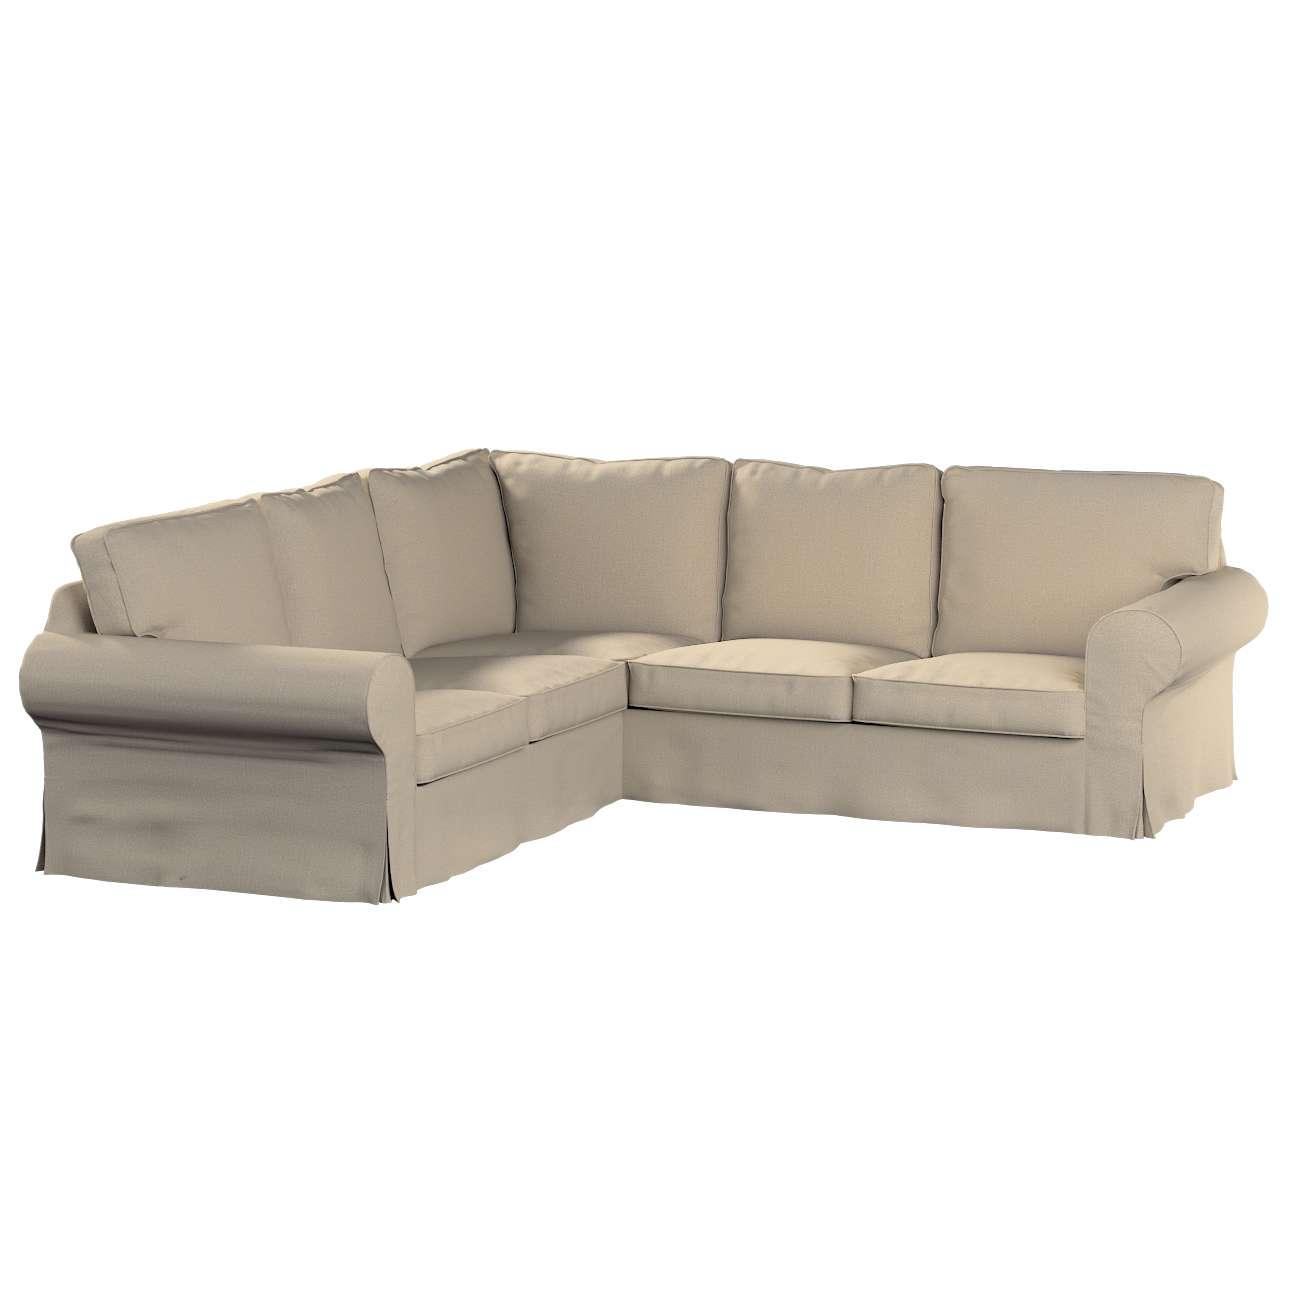 Pokrowiec na sofę Ektorp narożną Sofa Ektorp narożna w kolekcji Edinburgh, tkanina: 115-78